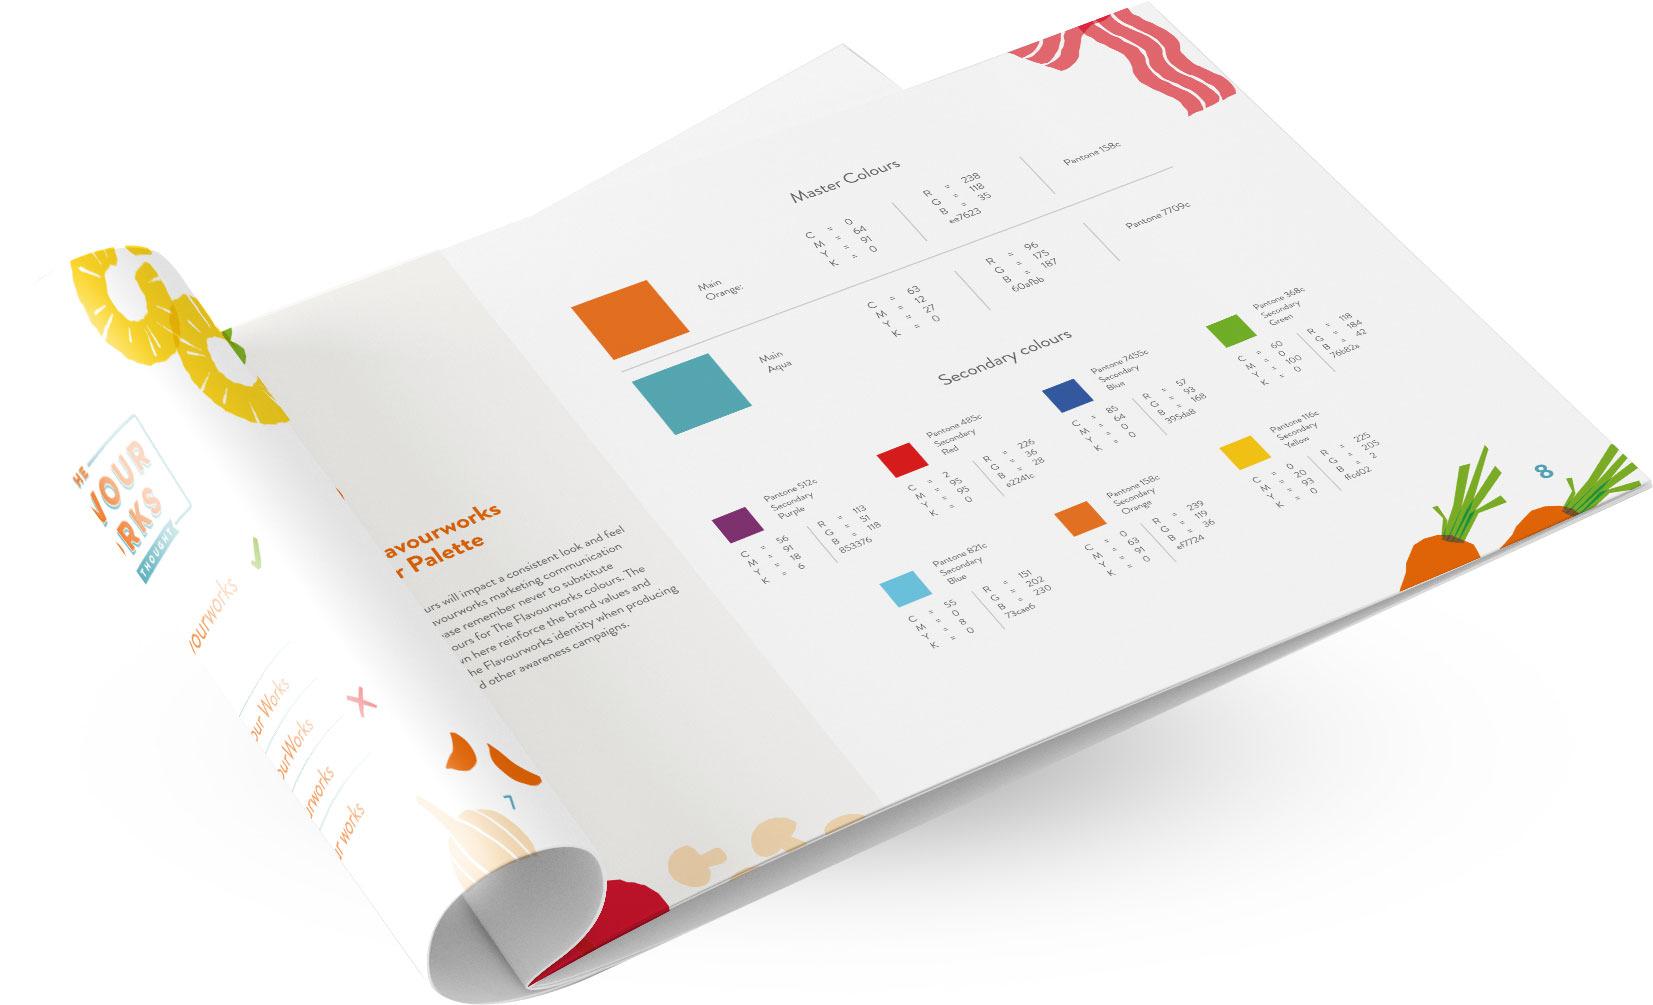 flavourworks brand guidelines